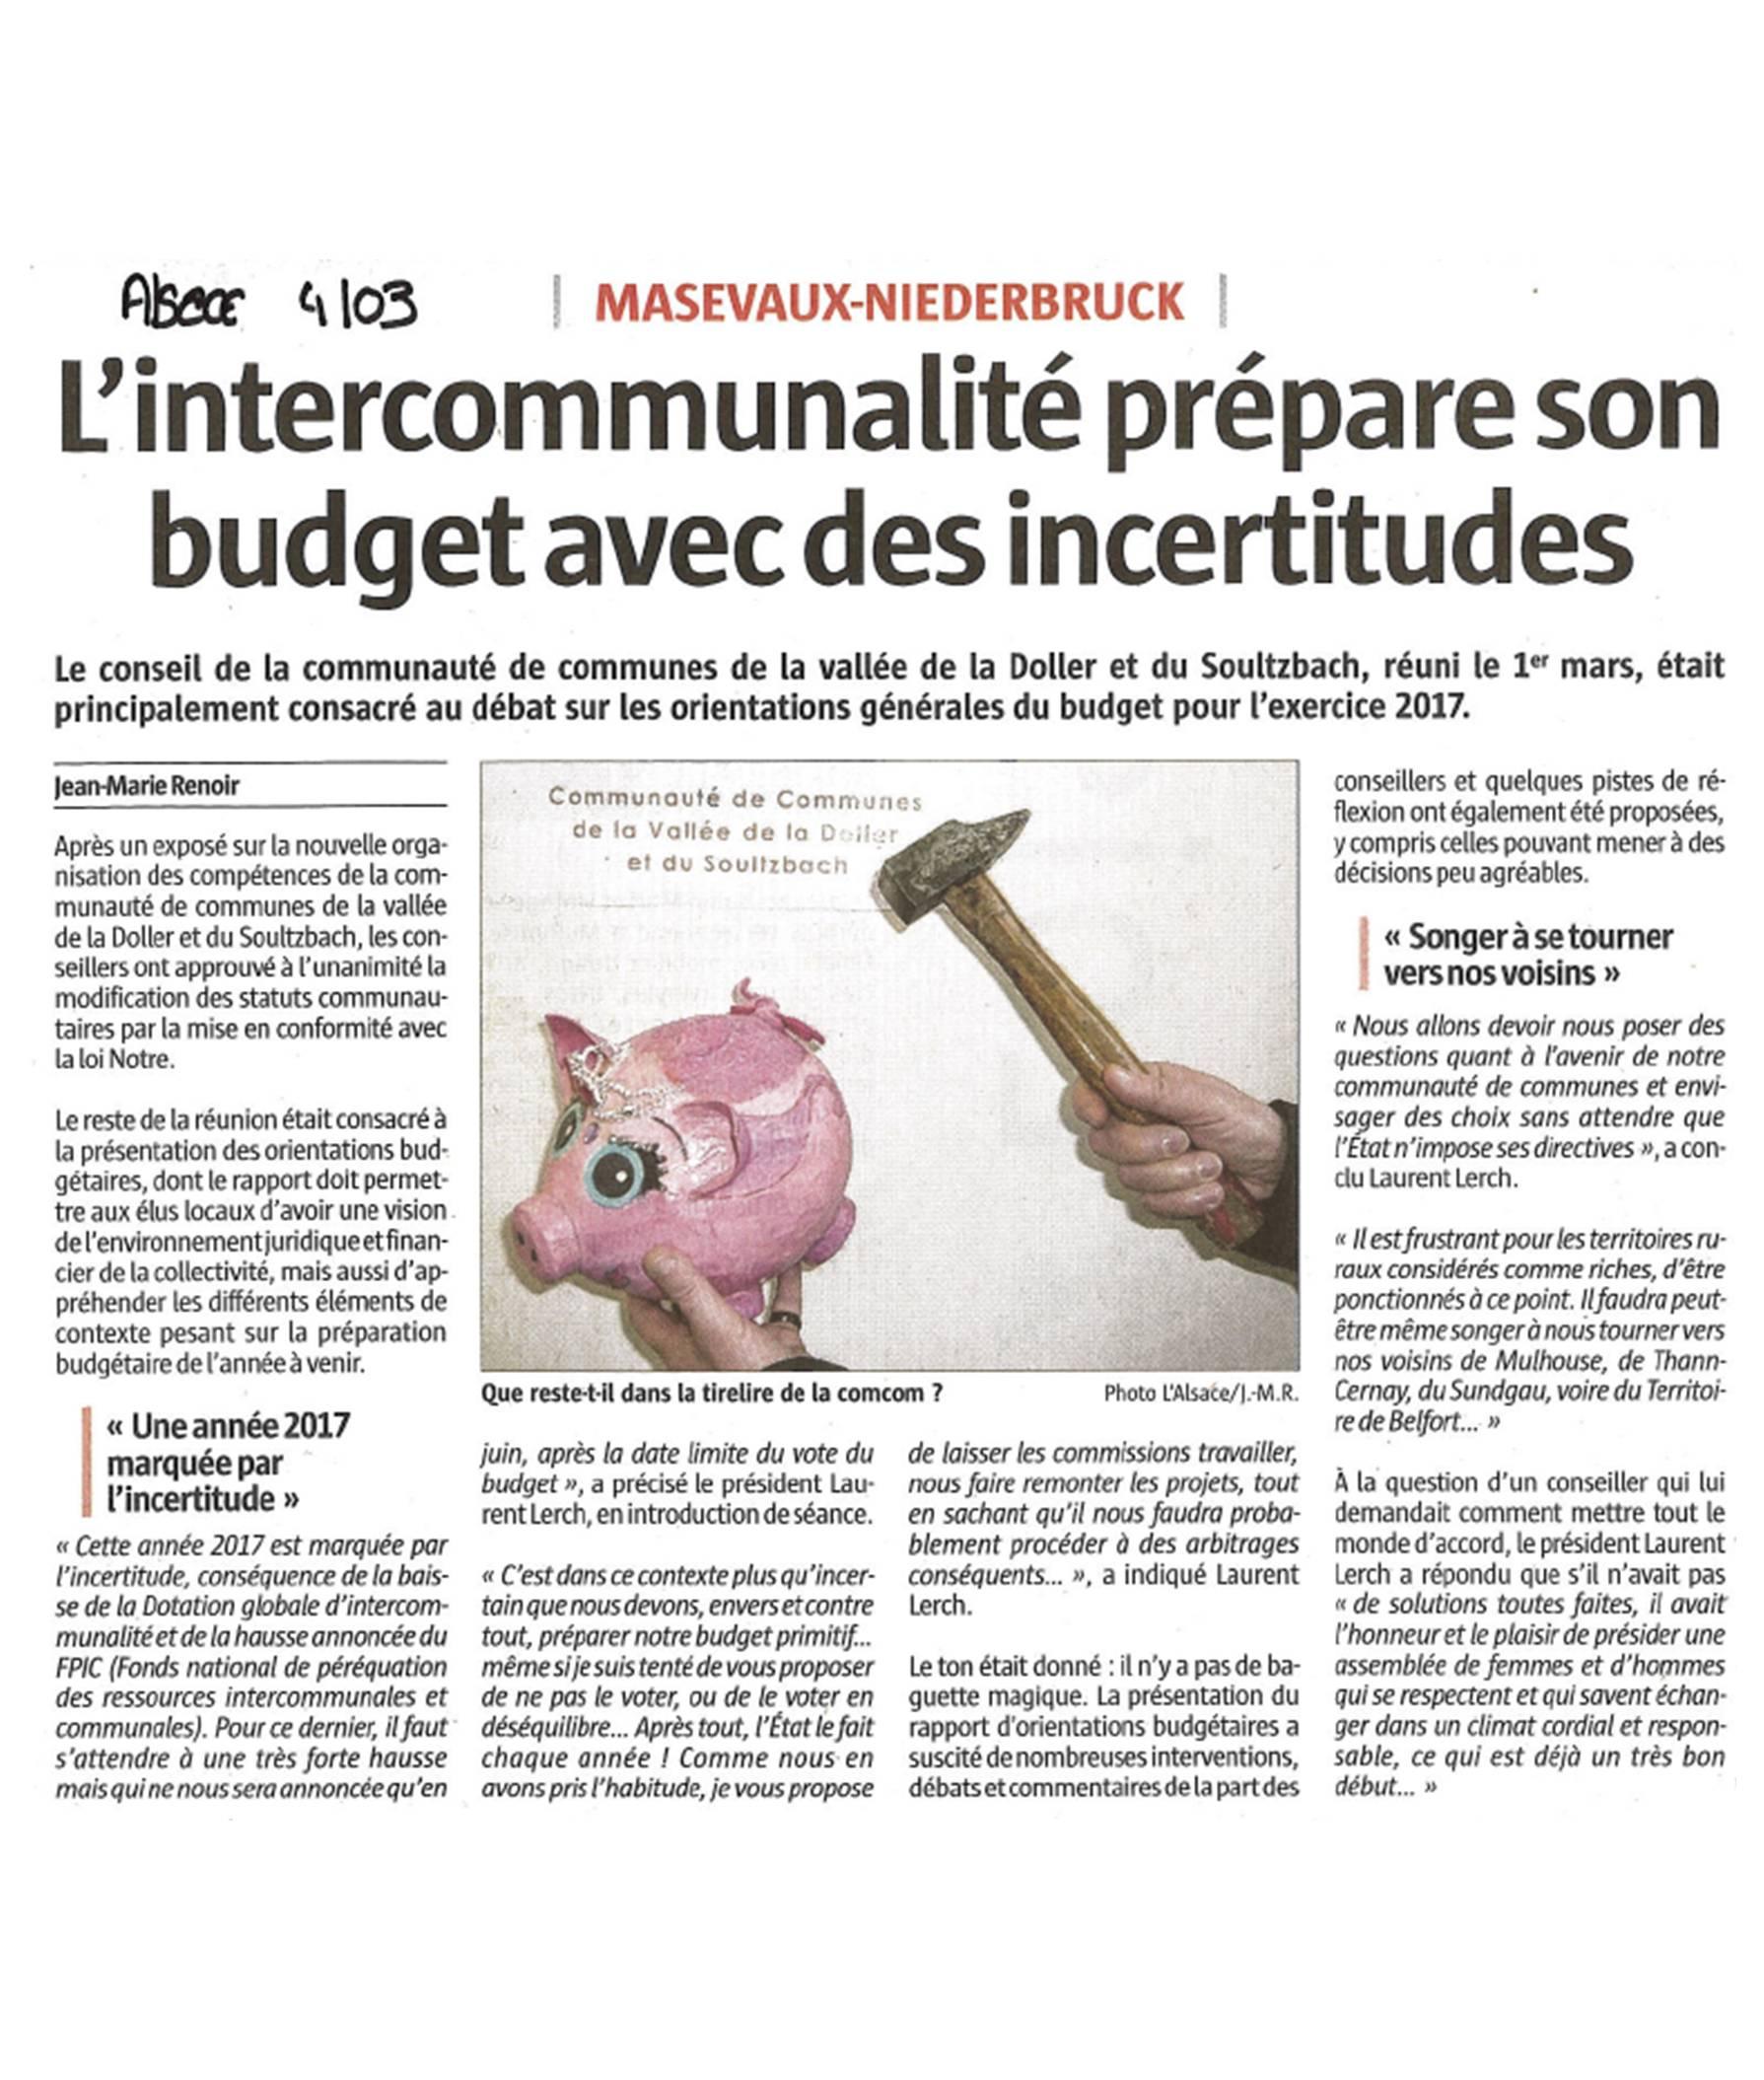 L'intercommunalité prépare son budget avec des incertitudes - L'Alsace (04-03-2017)